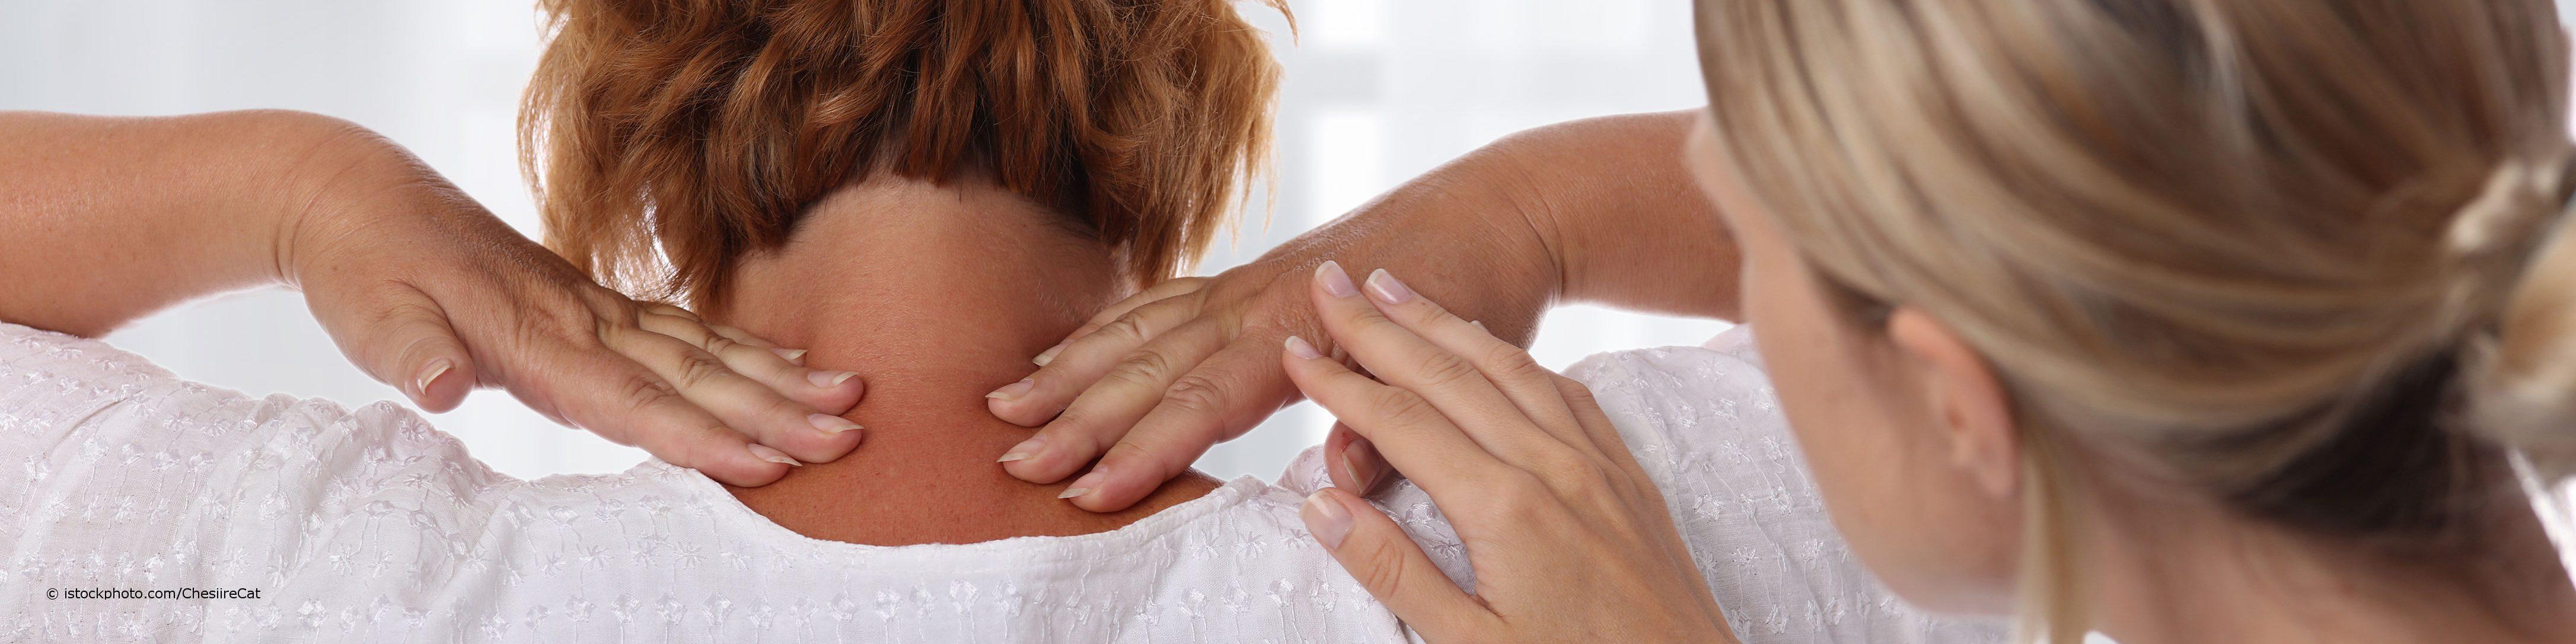 Eine auf DocInsider registrierte Fachärztin für Physikalische und Rehabilitative Medizin behandelt eine Patientin mit Nackenschmerzen mithilfe von Osteopathie